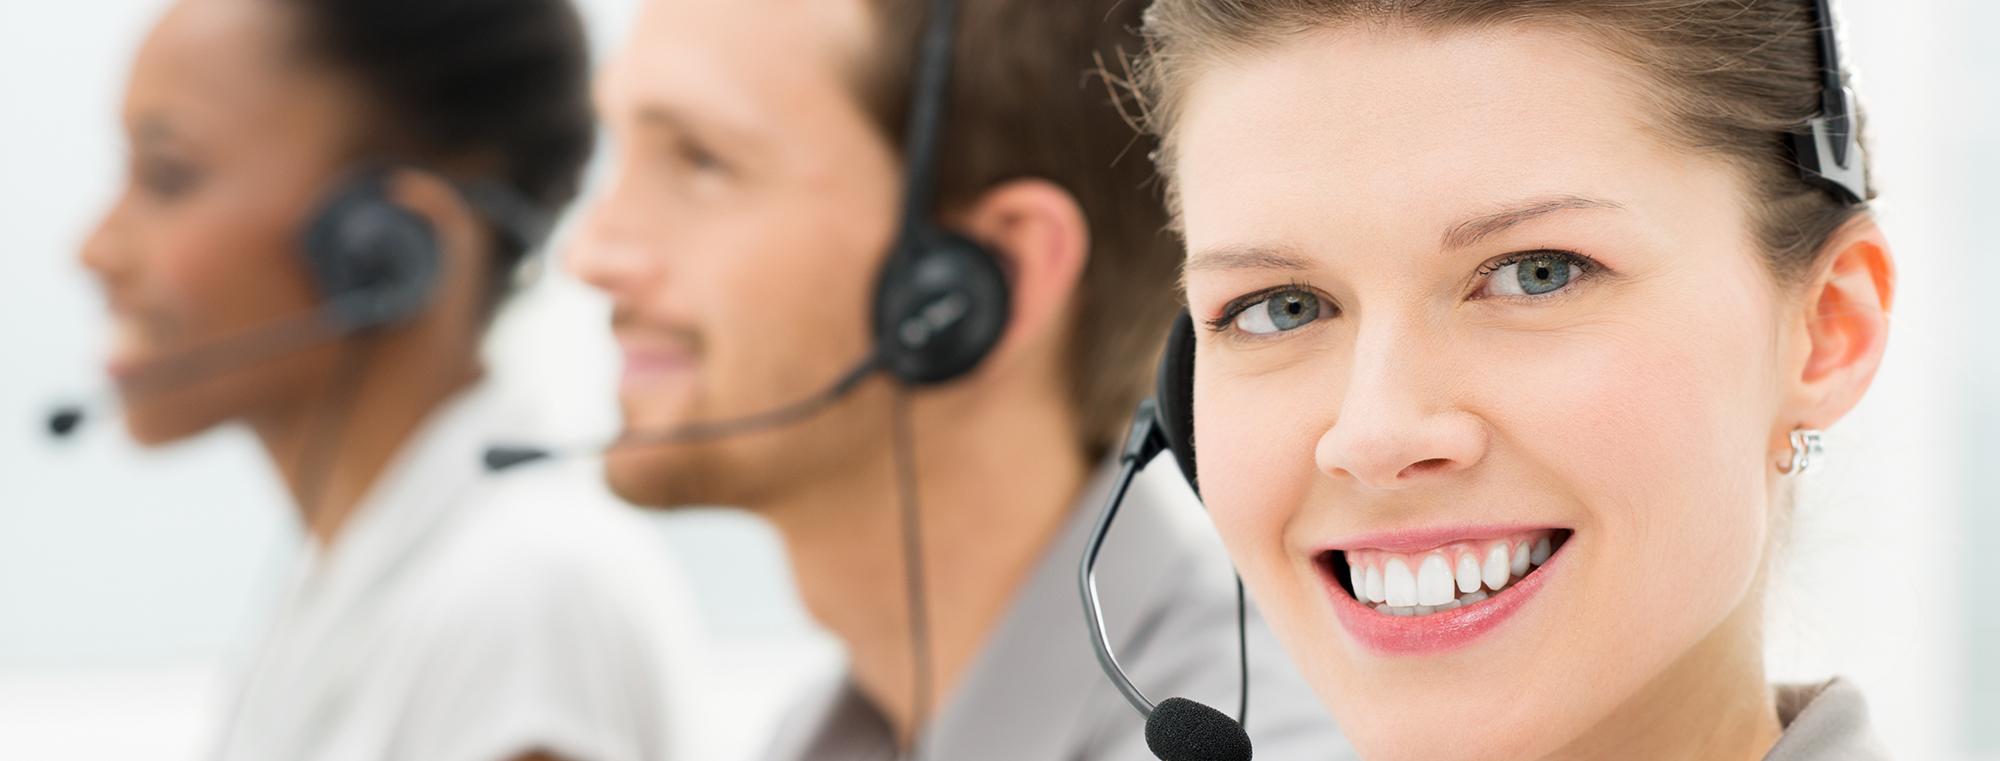 Senior Customer Support Manager bei der Arbeit